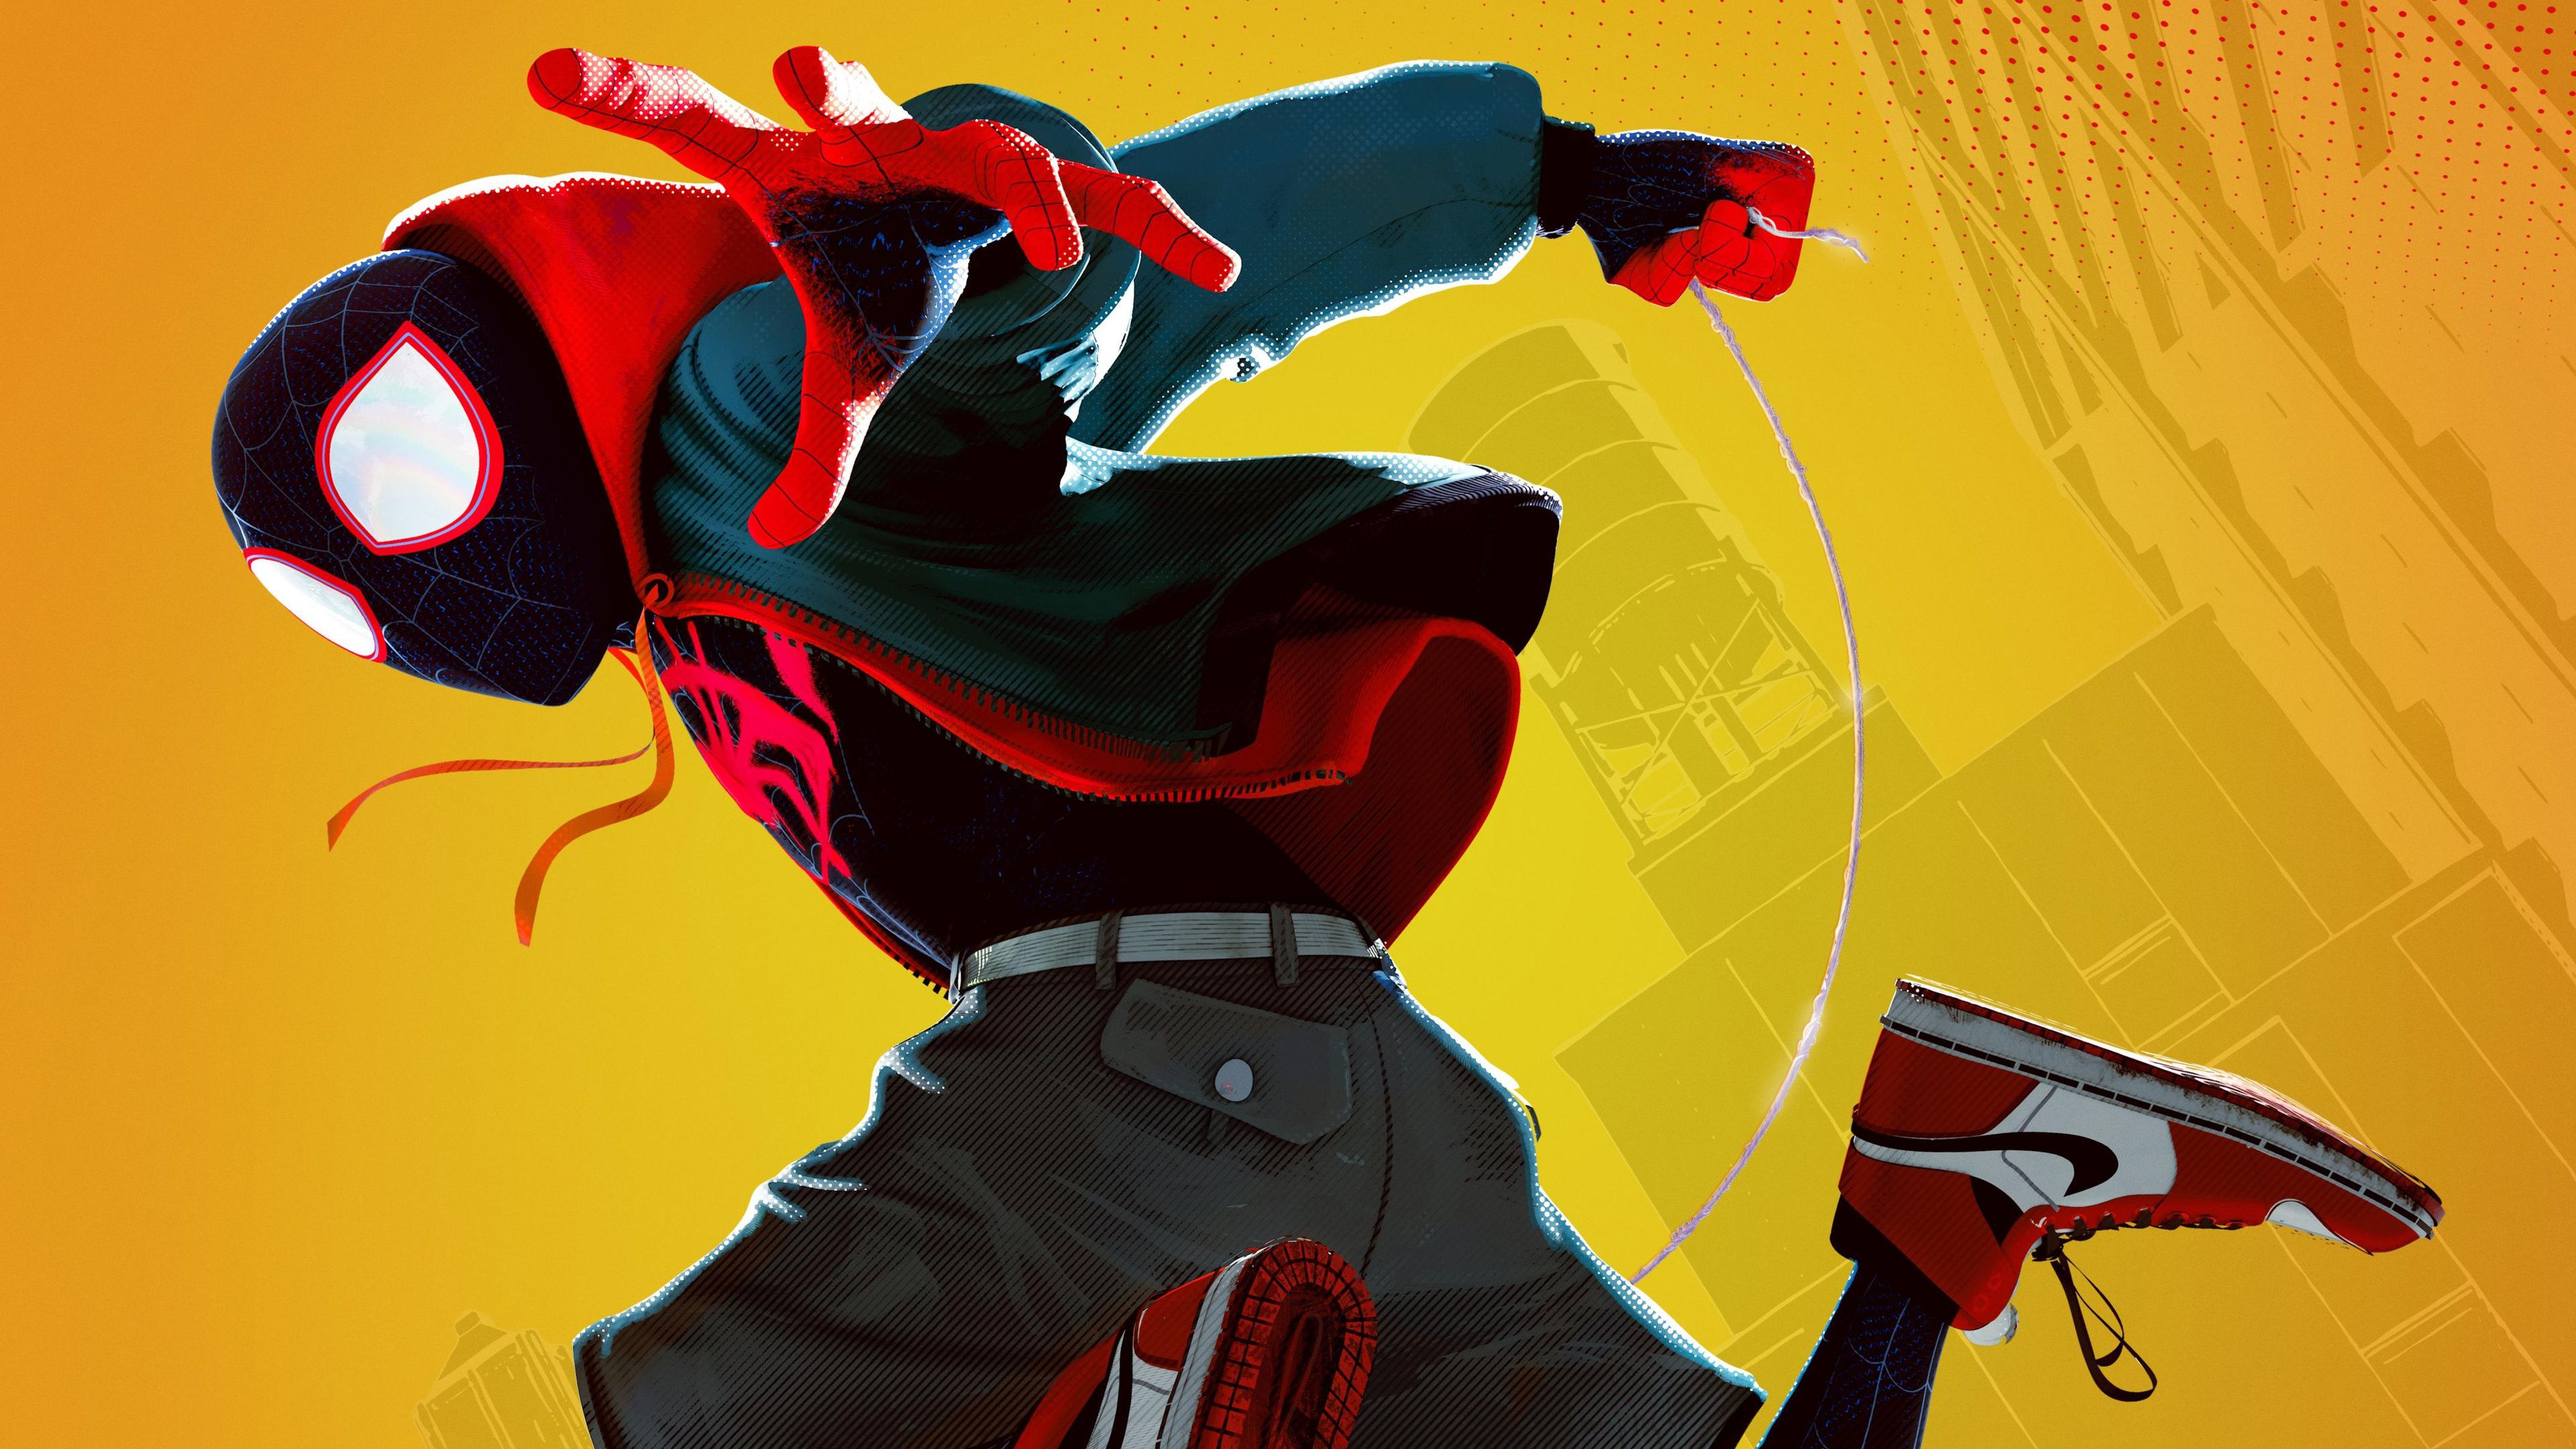 miles morales 4k 1555206626 - Miles Morales 4k - superheroes wallpapers, spiderman wallpapers, spiderman into the spider verse wallpapers, movies wallpapers, hd-wallpapers, 4k-wallpapers